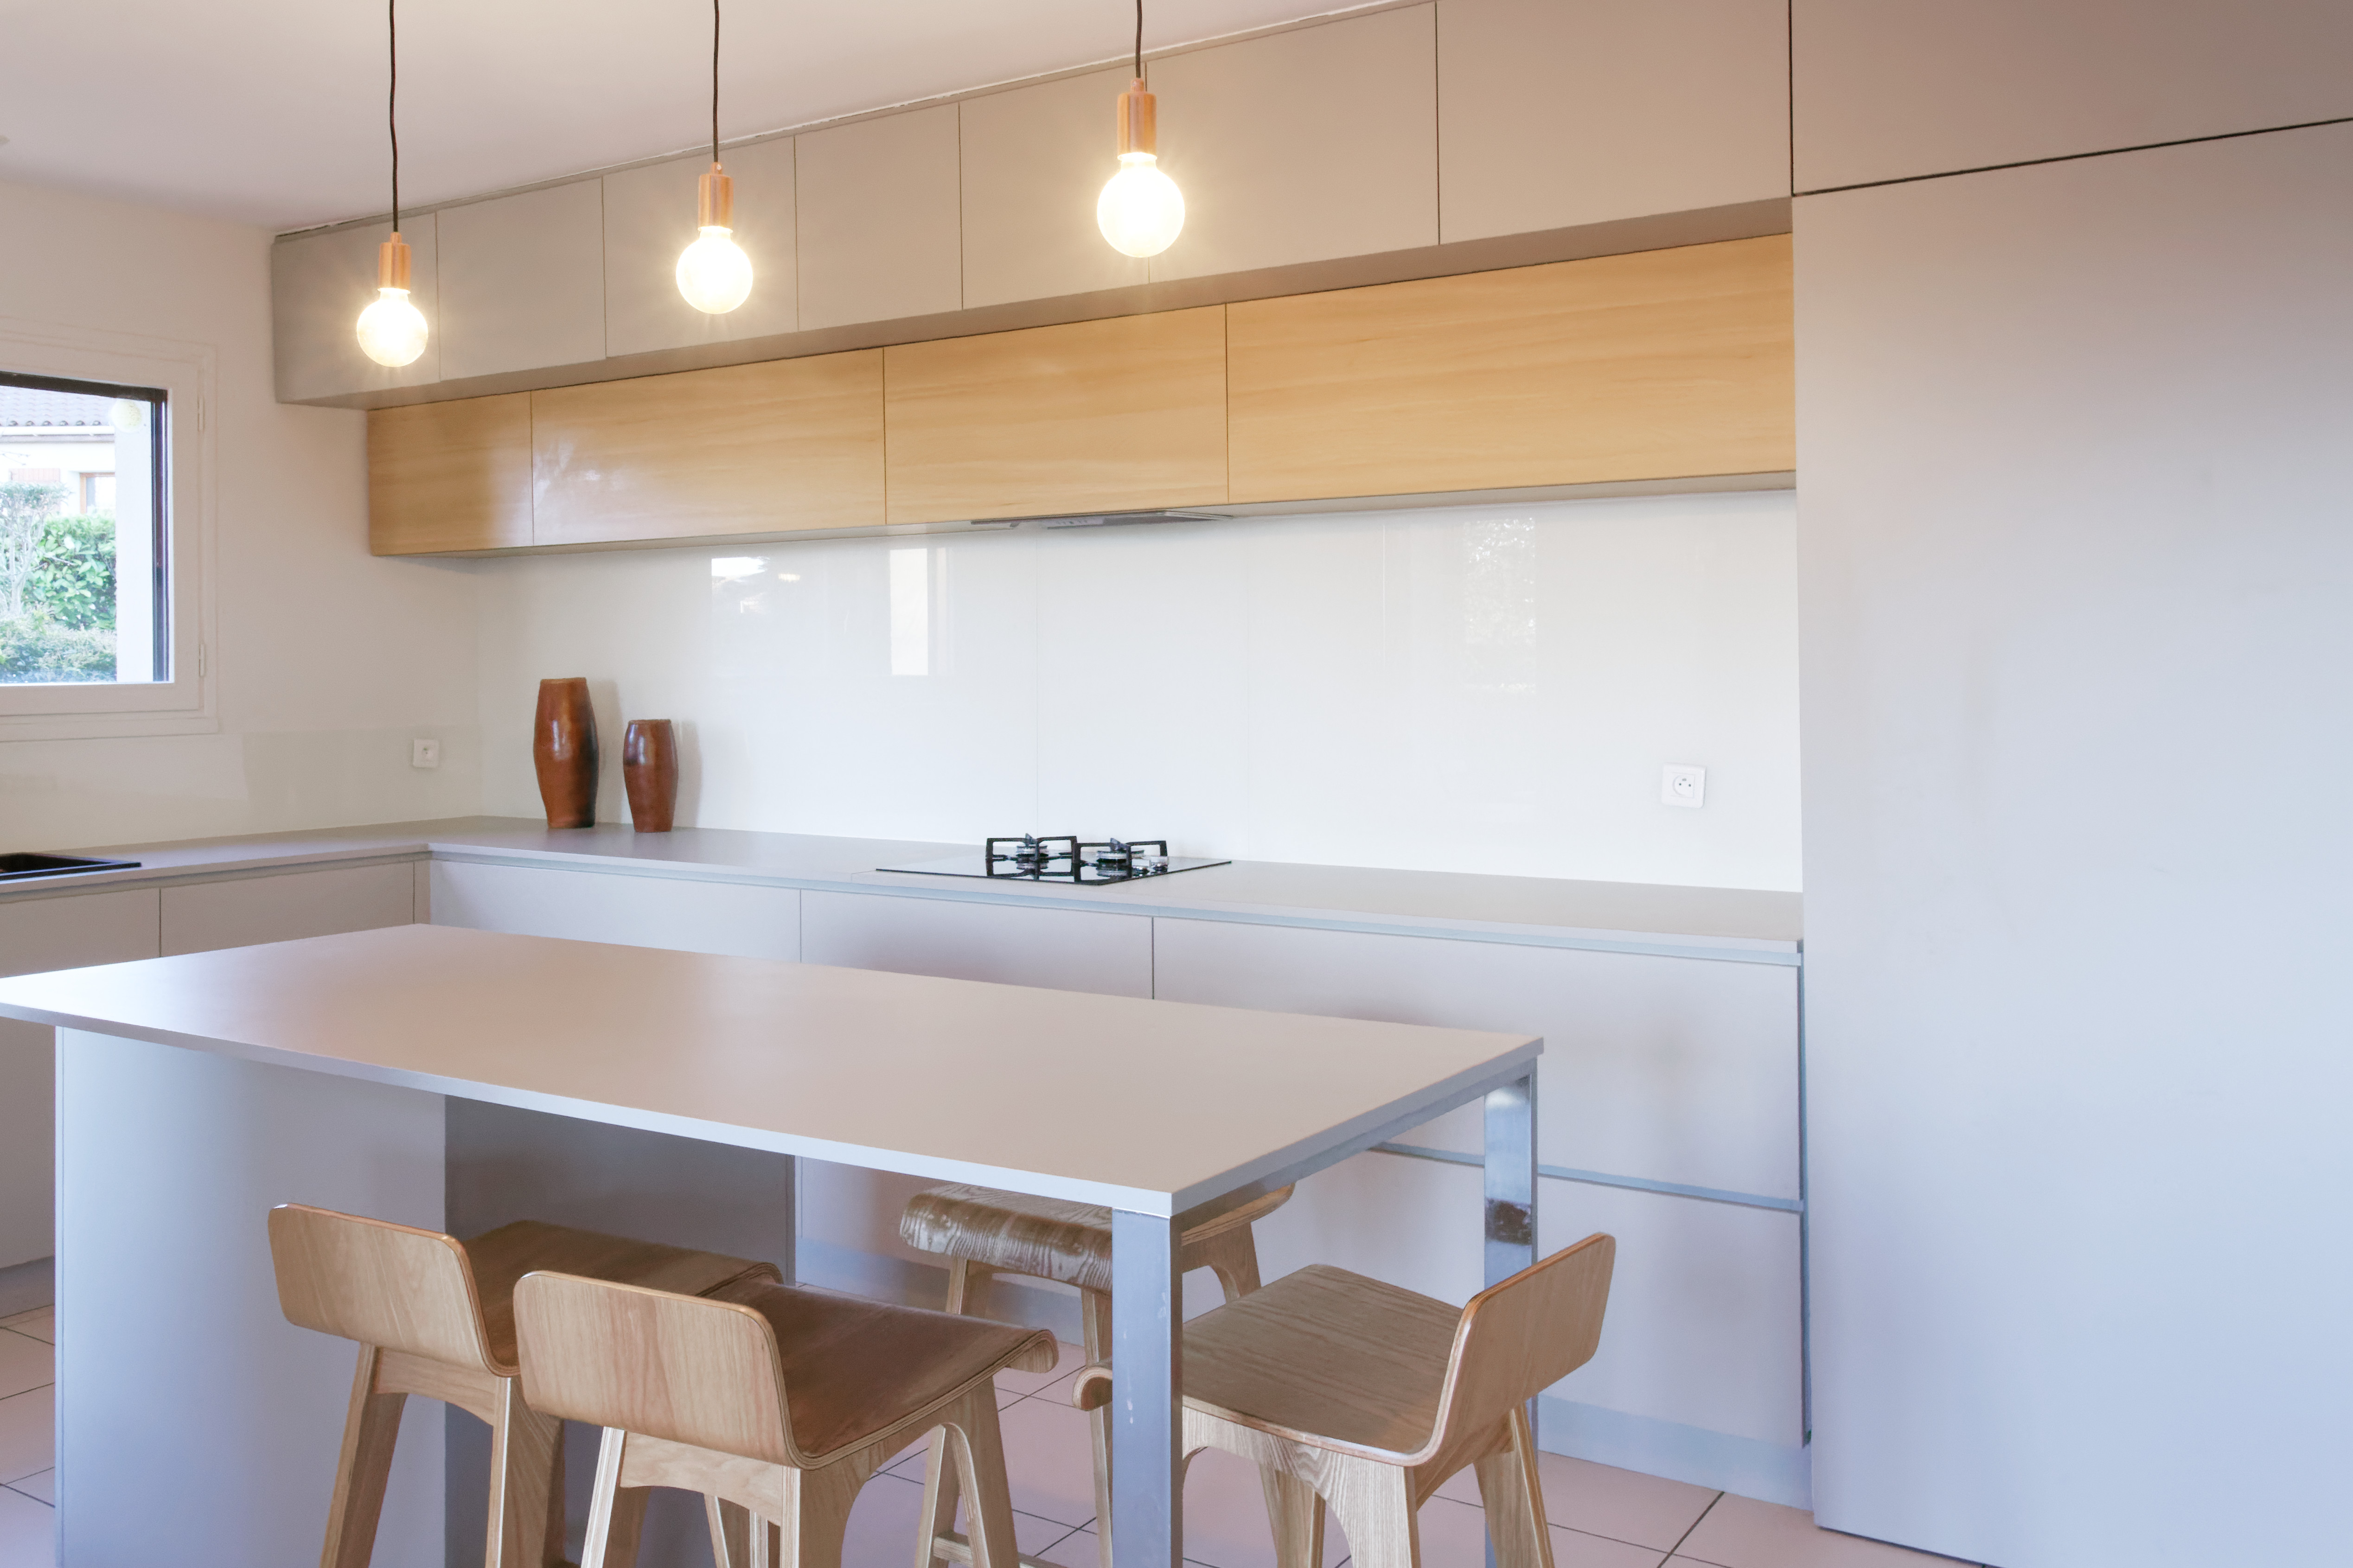 Vue de l'intérieur de la cuisine de la maison R